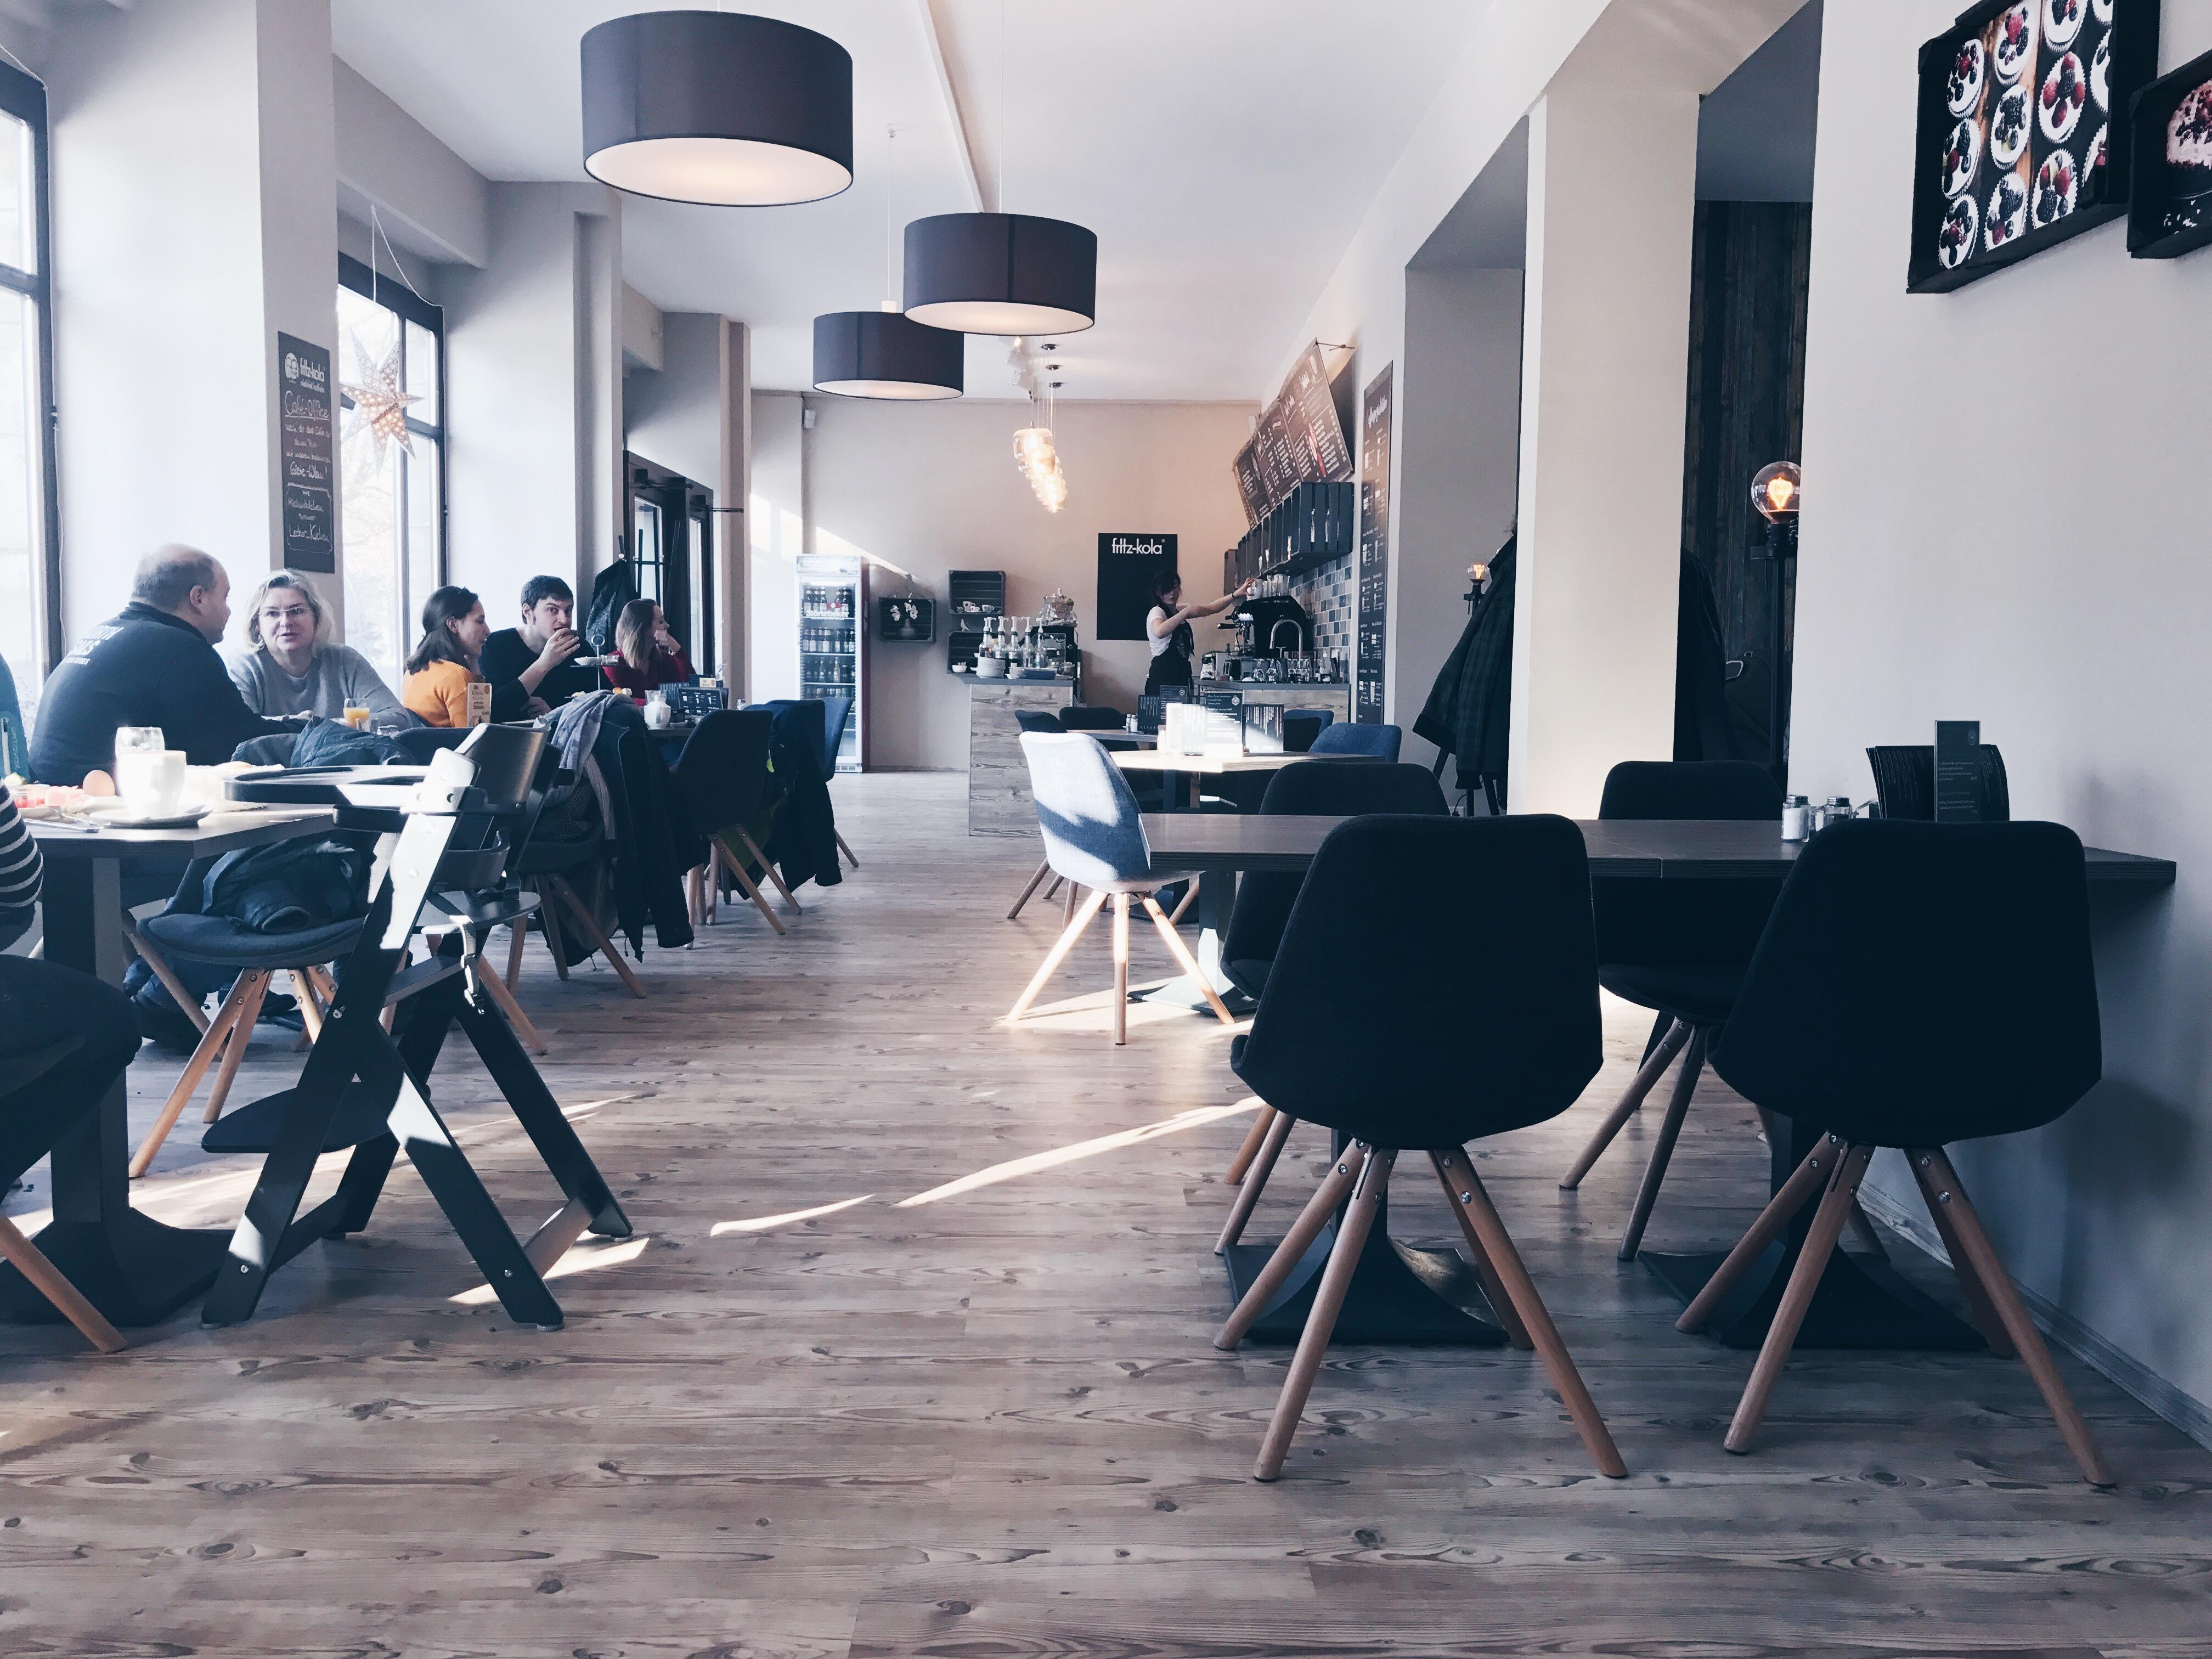 Cafe Milchmädchen